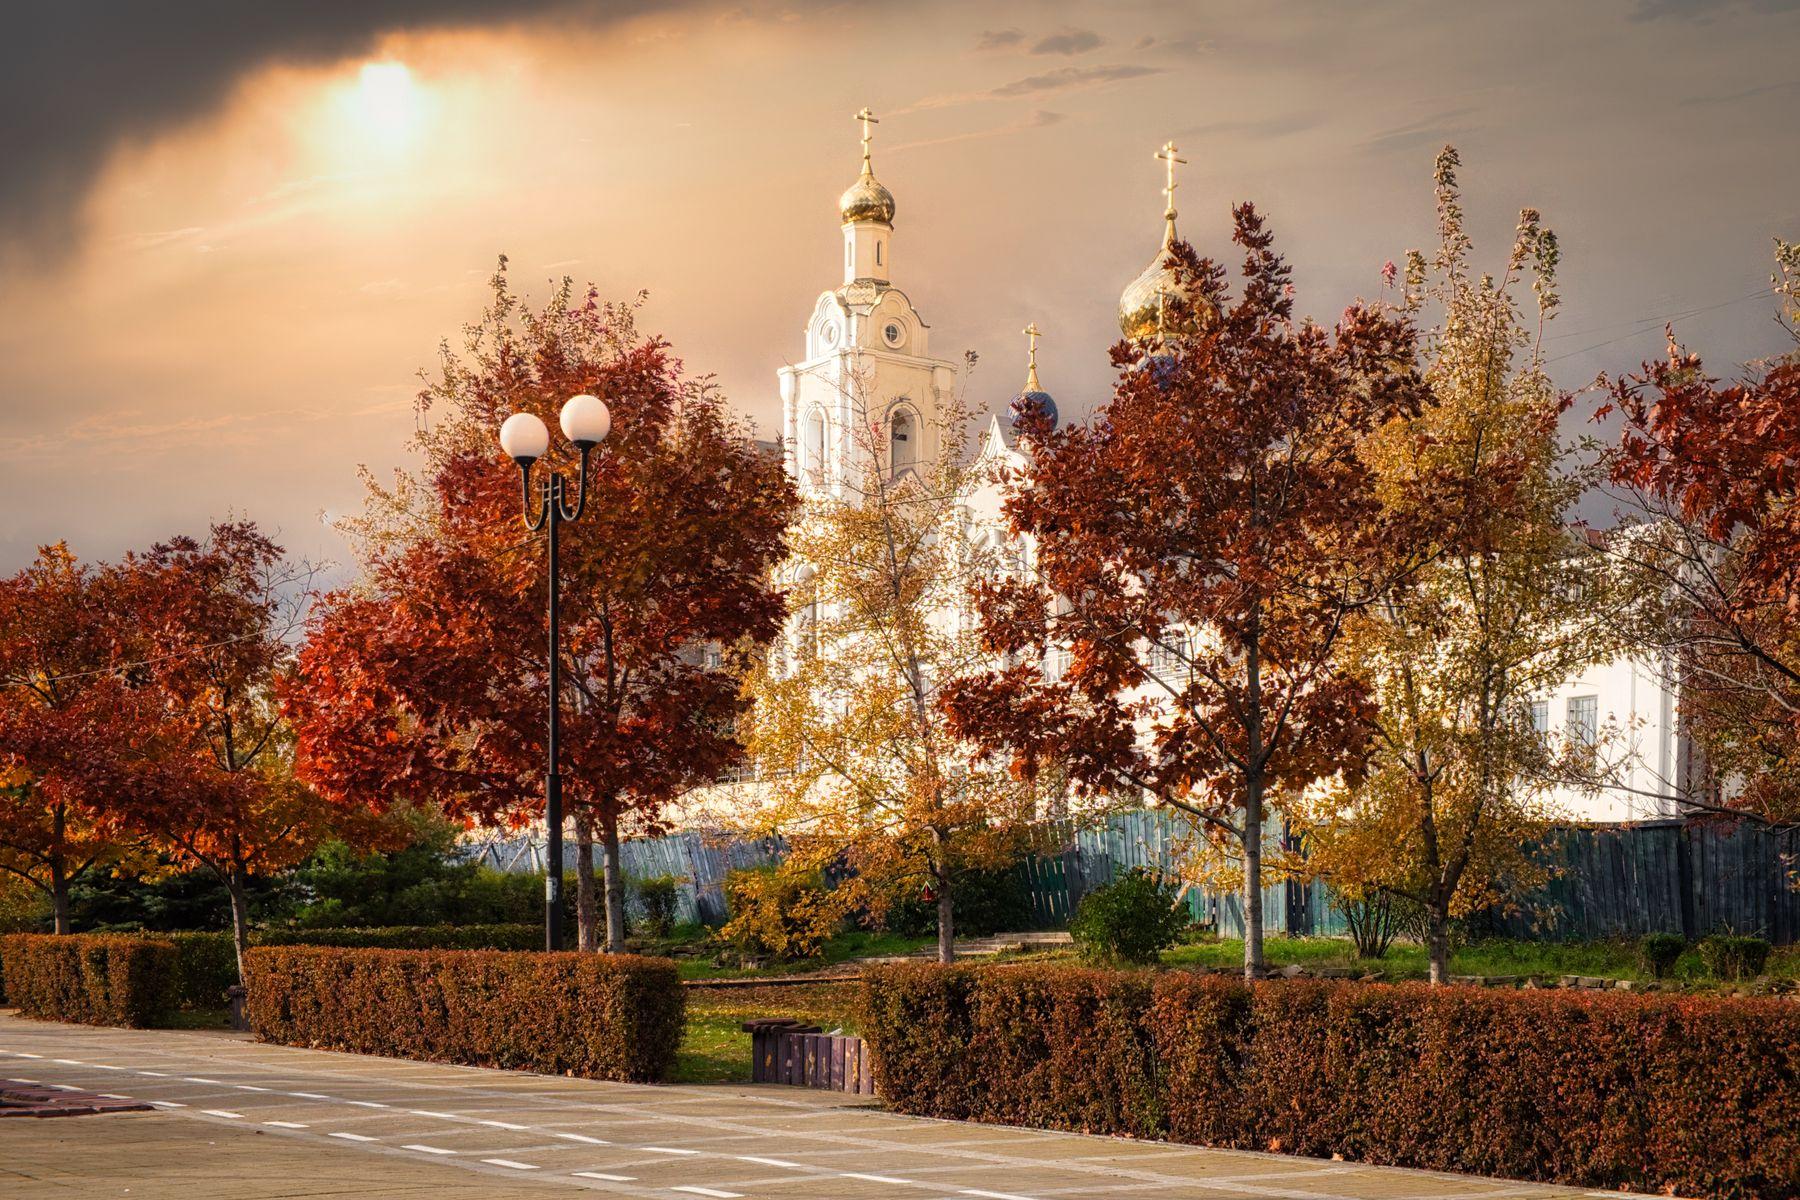 Золото осени Ростов-на-Дону храм осень деревья небо